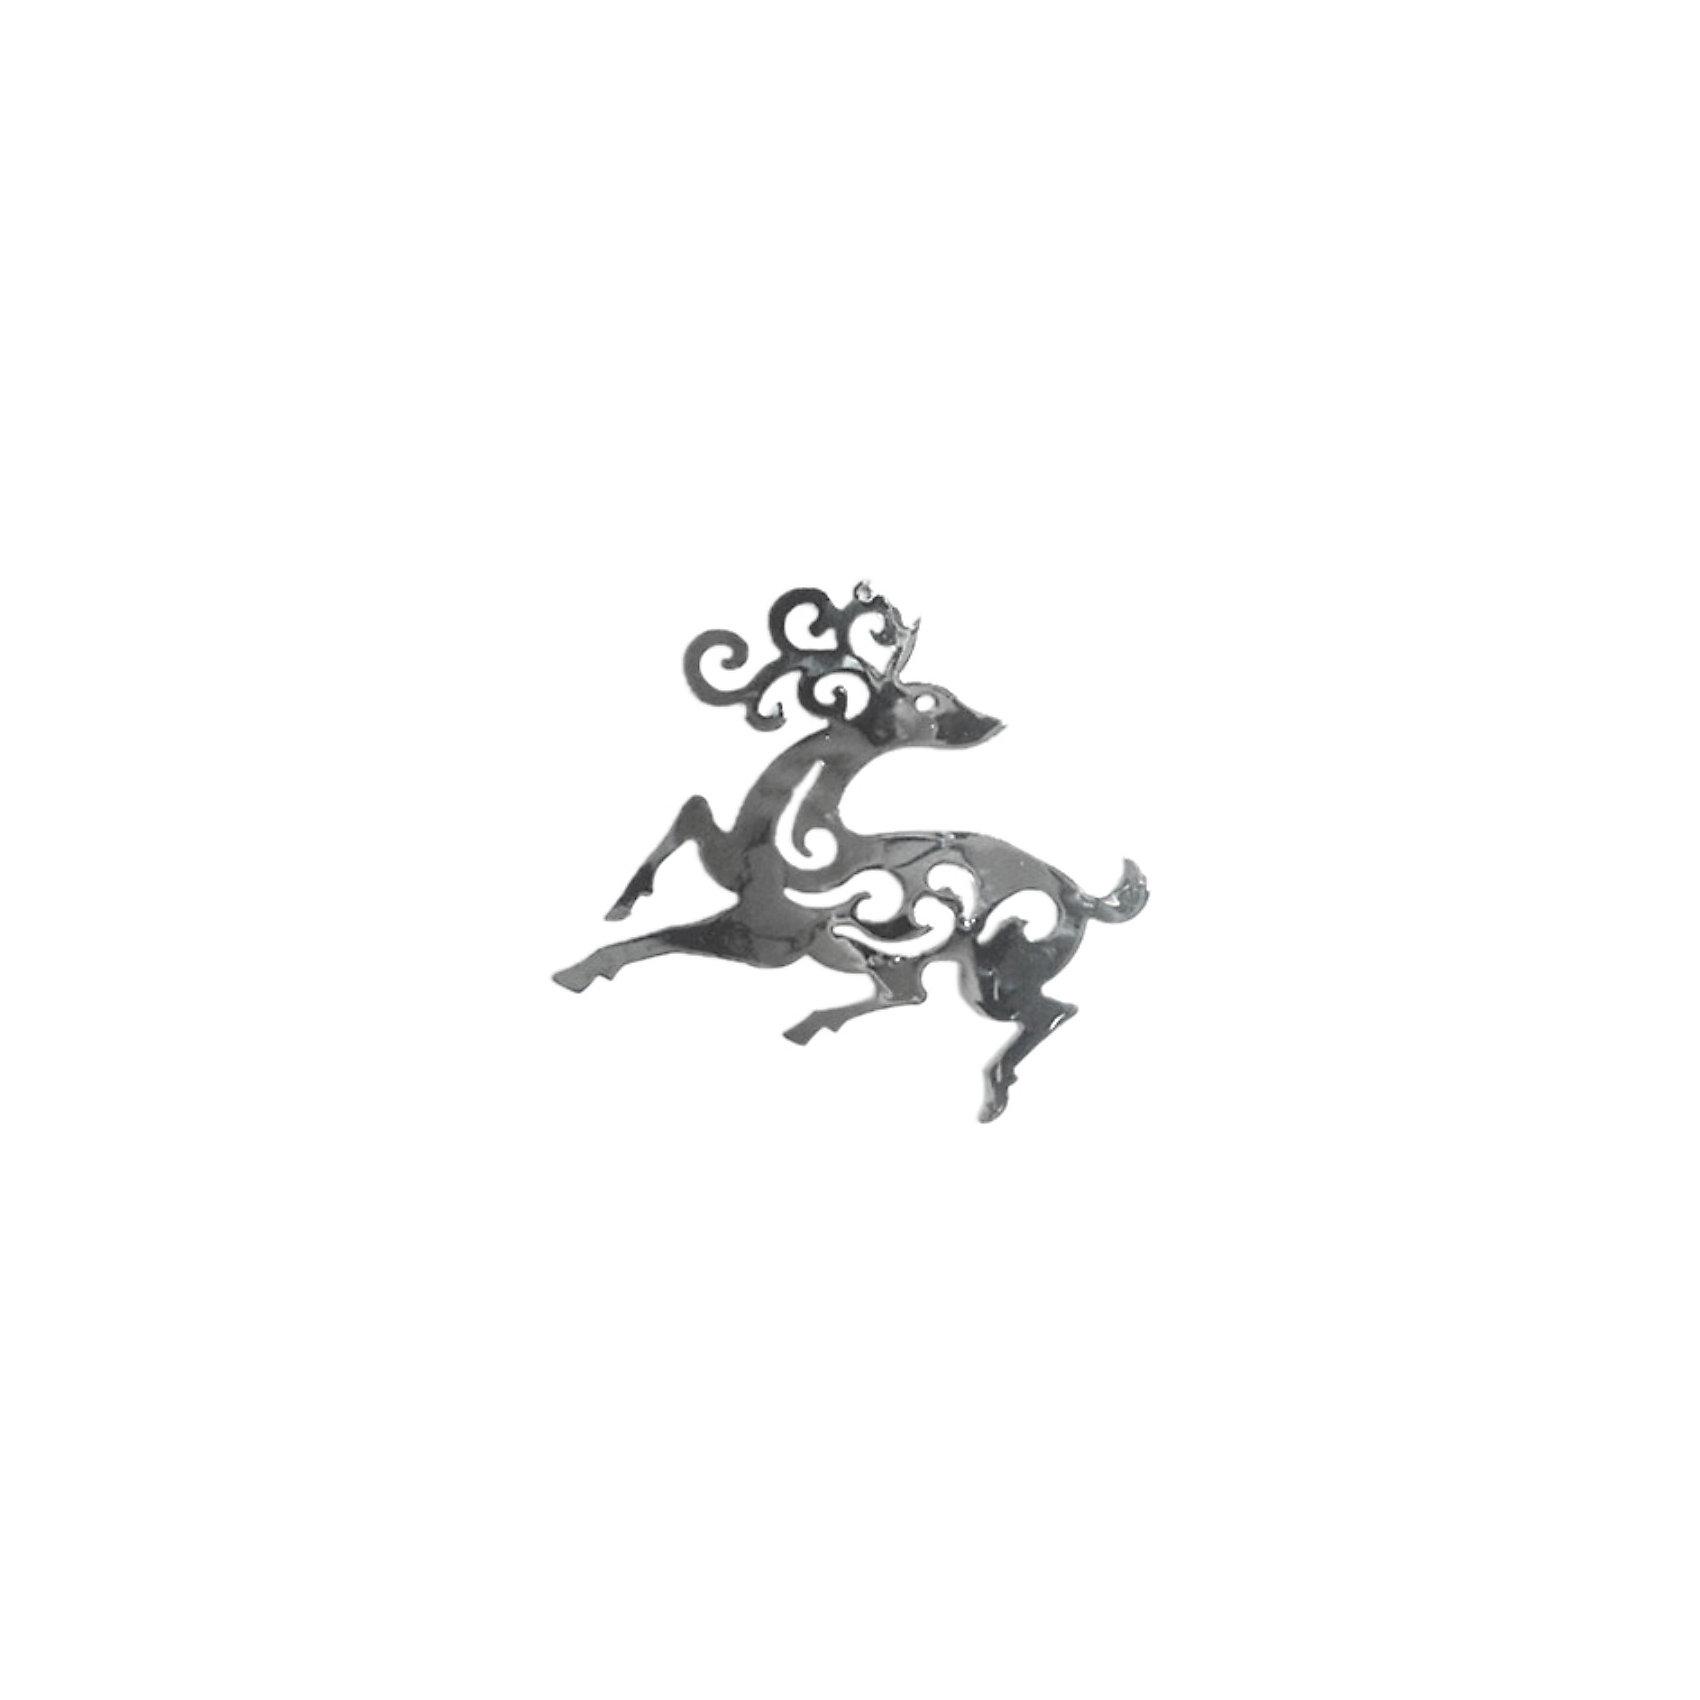 Волшебная Страна Металлическая подвеска Олень (11,4х10,2 см, цвет серебро), Волшебная страна волшебная страна